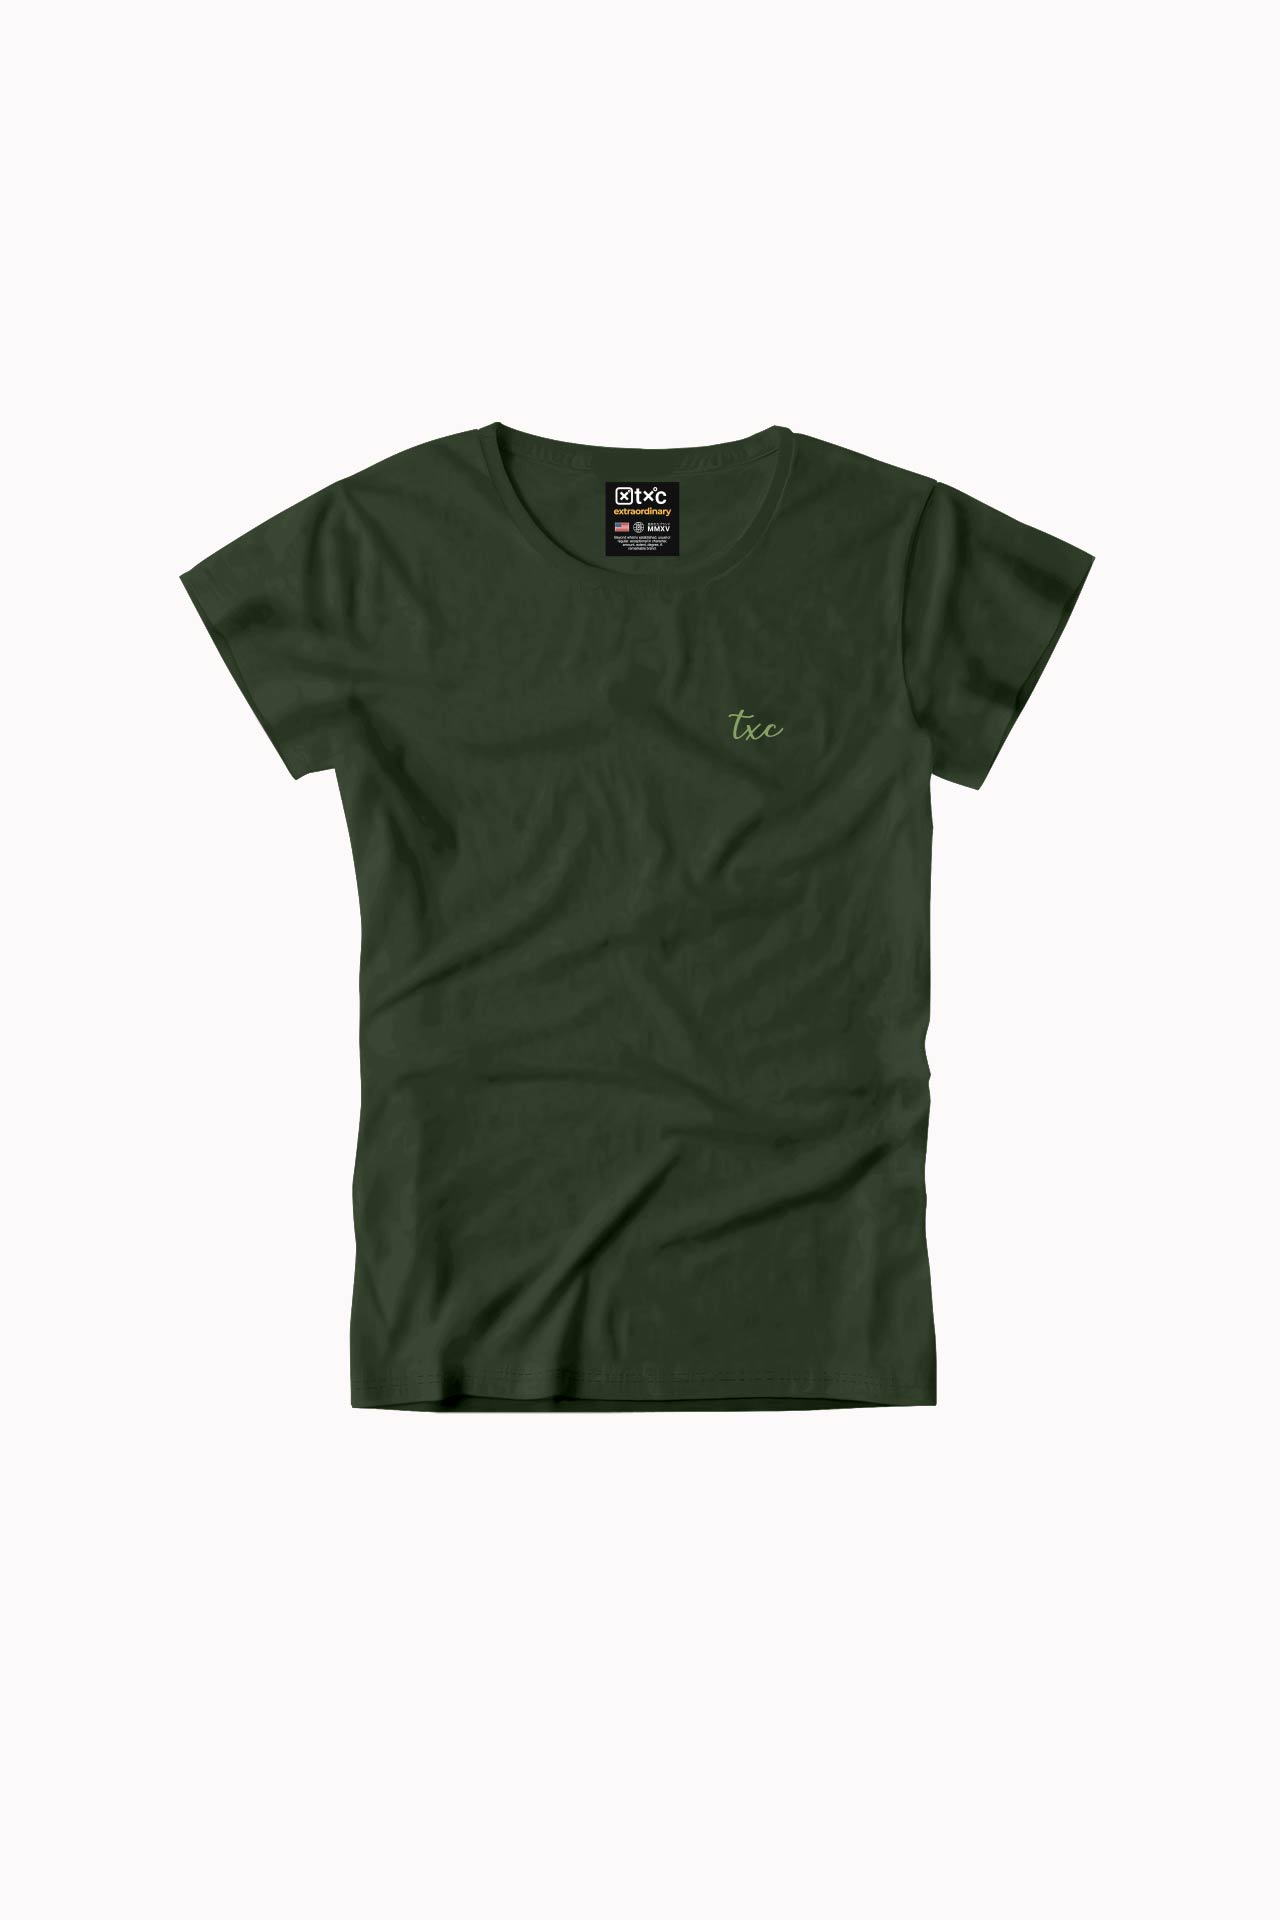 Camiseta Feminina TXC 4787